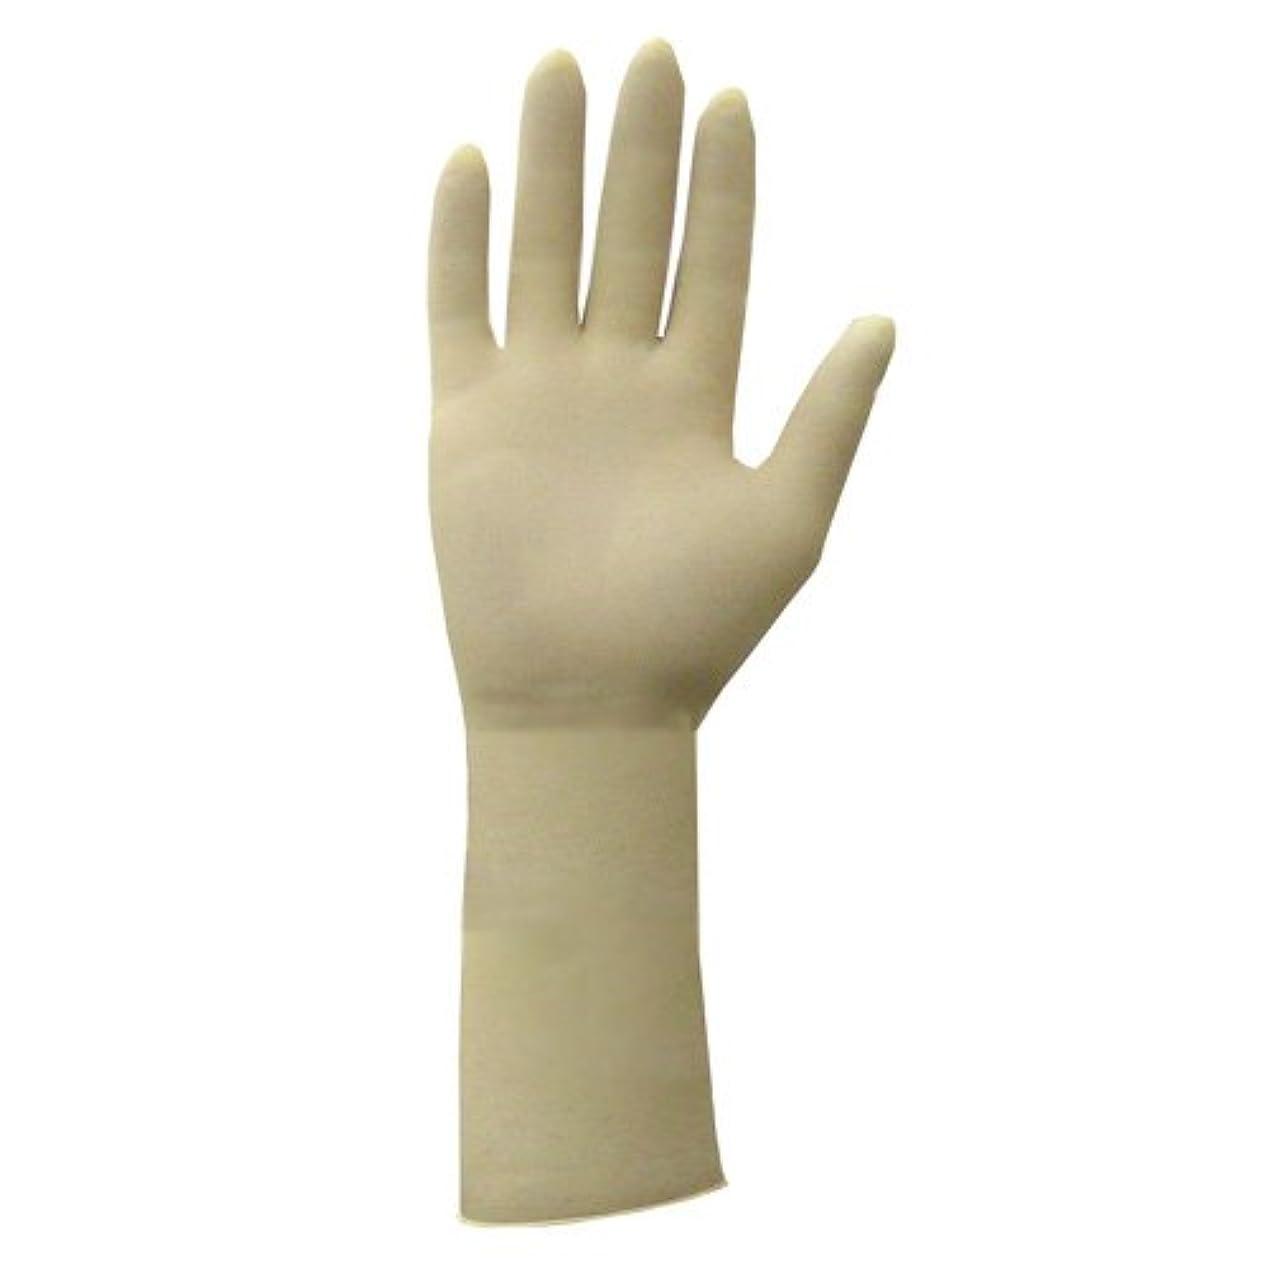 独占前提見えるロングラテックス手袋(S)1,000枚